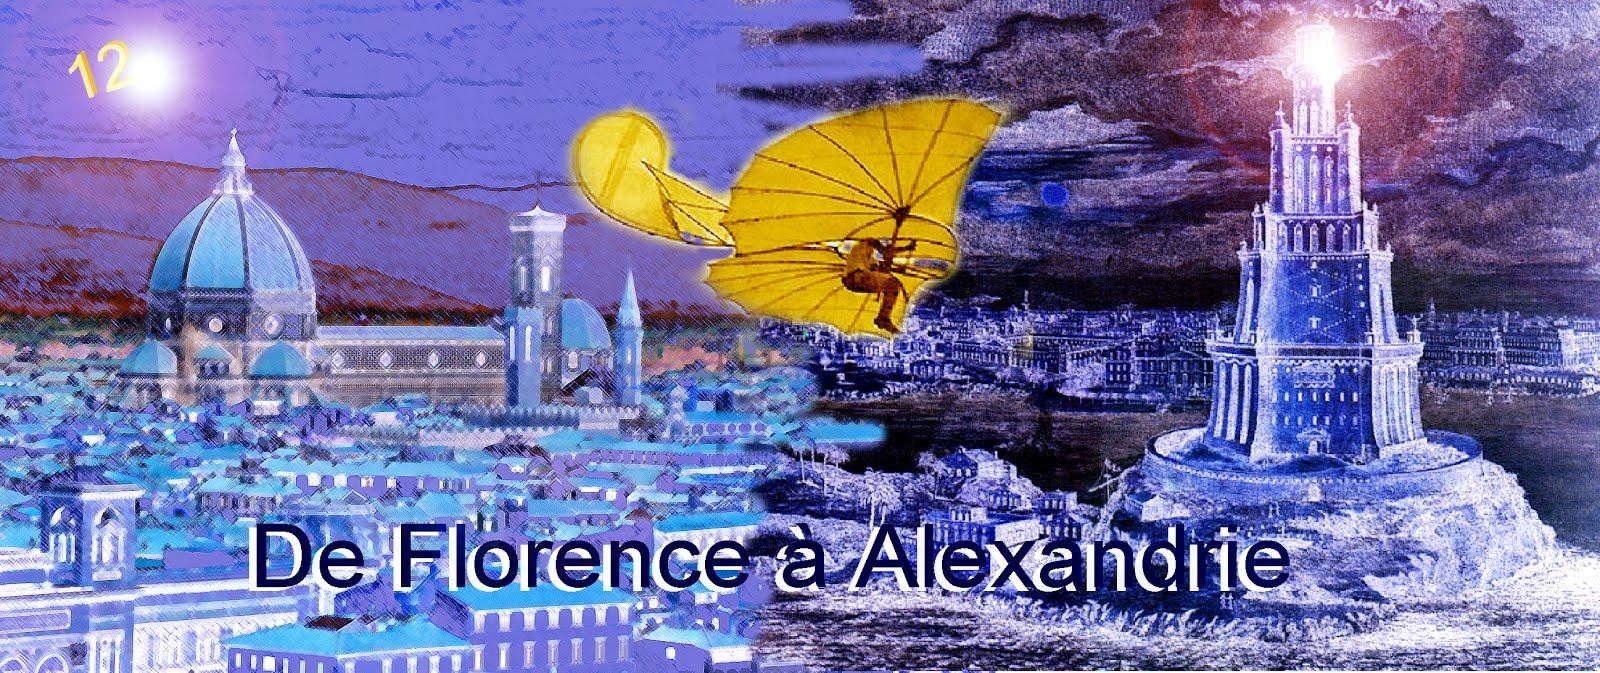 De Florence à Alexandrie